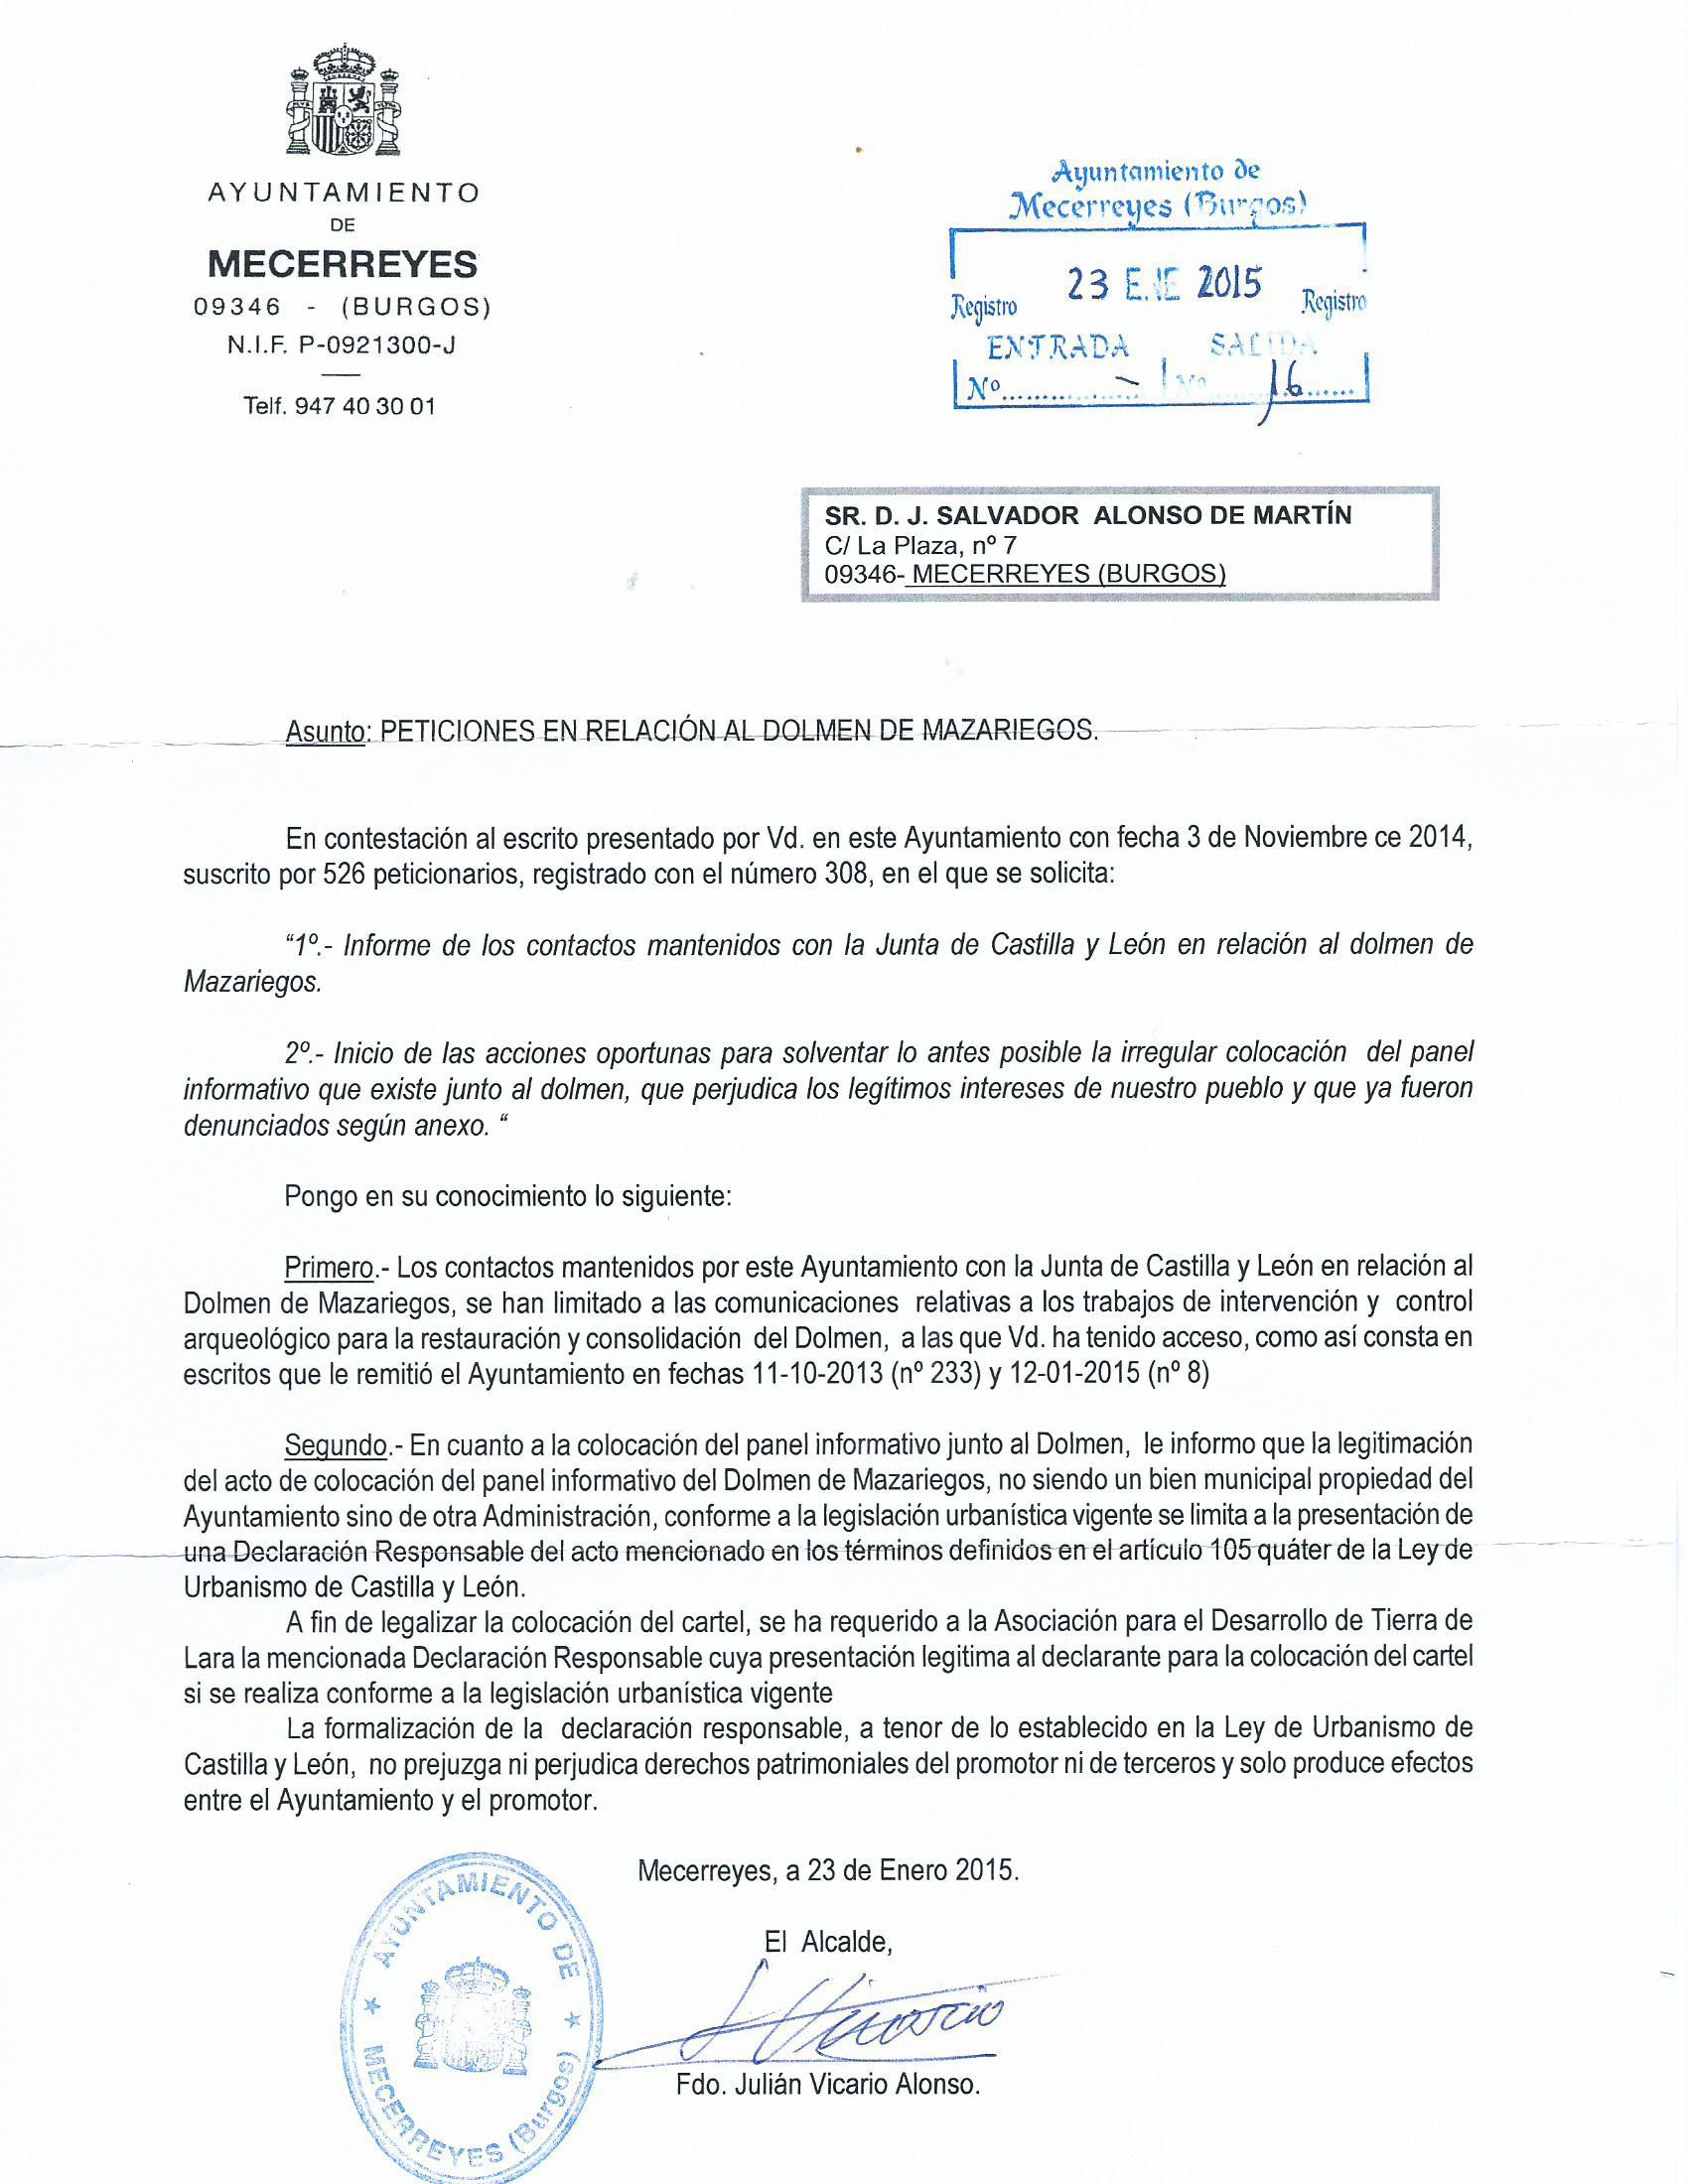 Respuesta del Ayuntamiento 23.01.15